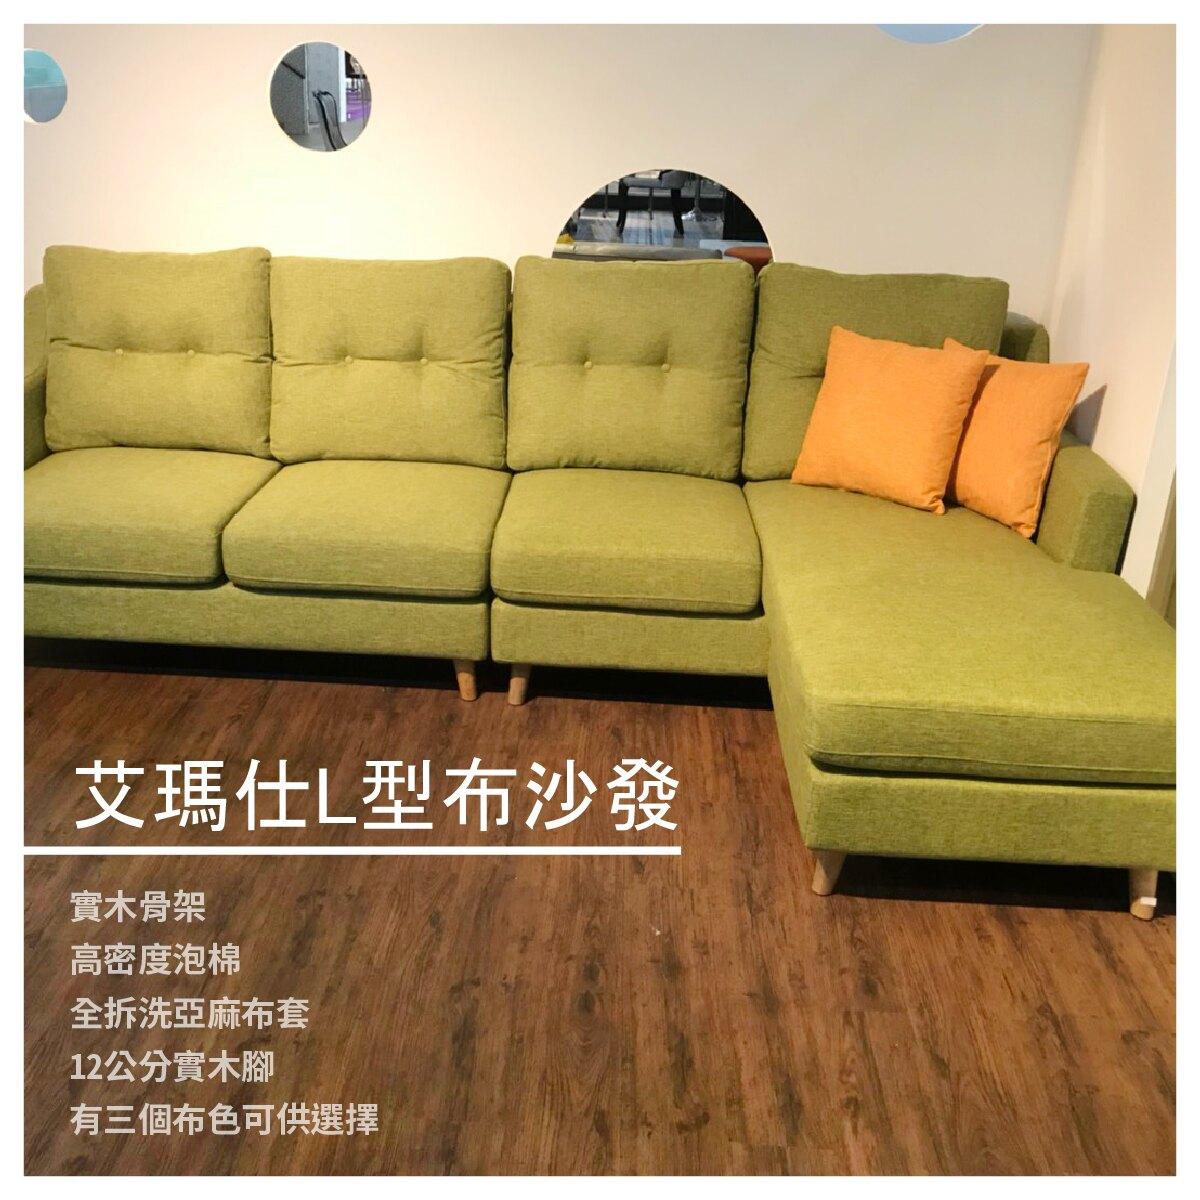 【長榮家具】艾瑪仕L型布沙發  3款